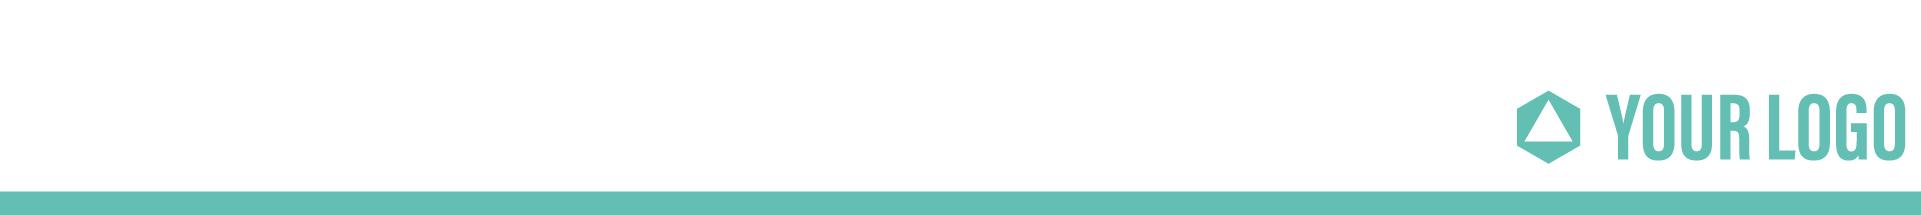 Green header with company logo